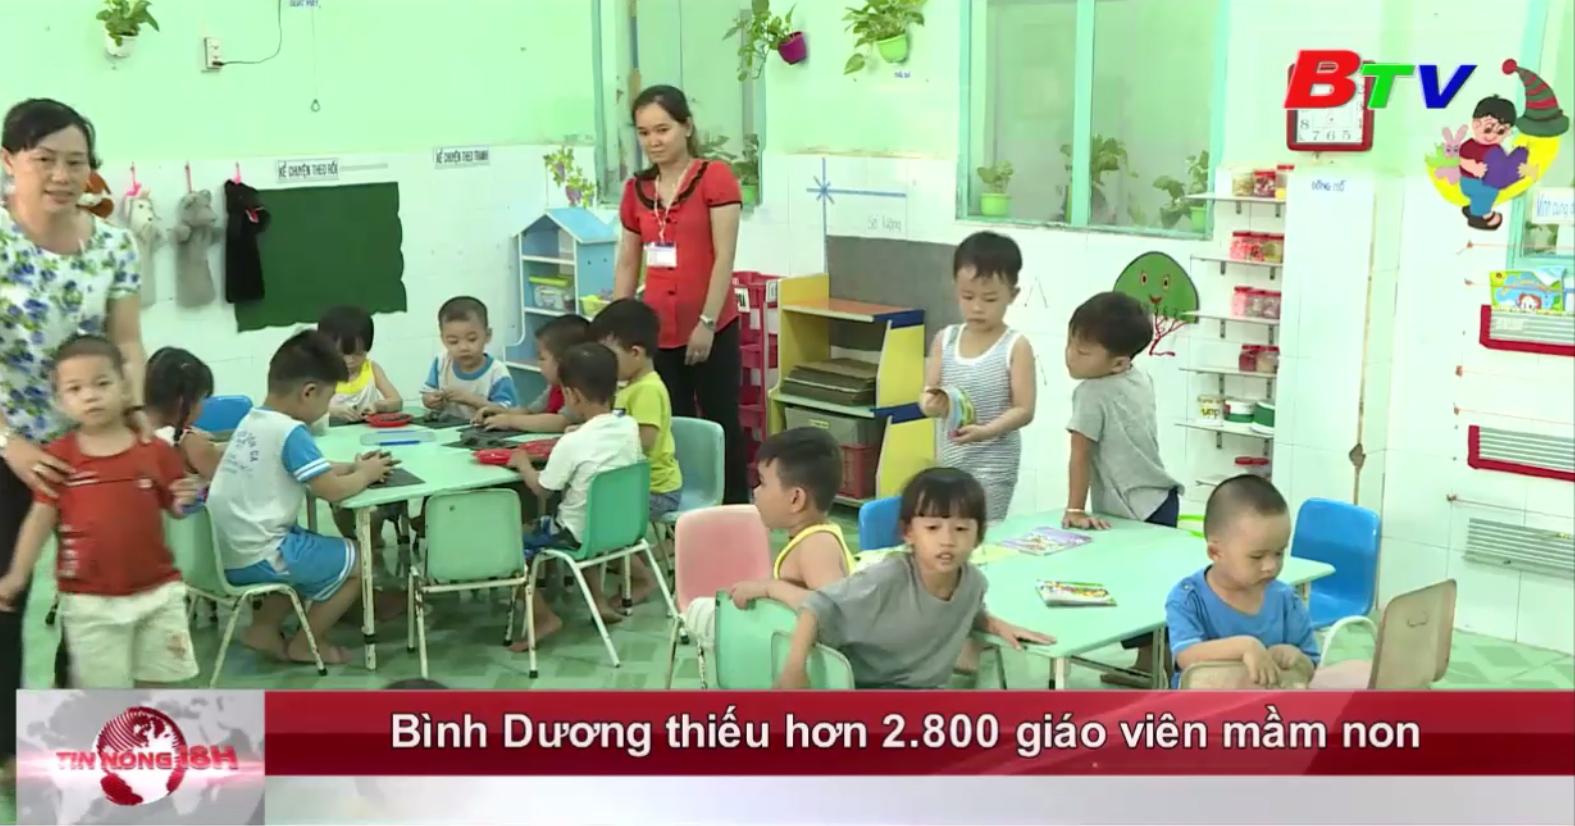 Bình Dương thiếu hơn 2.800 giáo viên mầm non